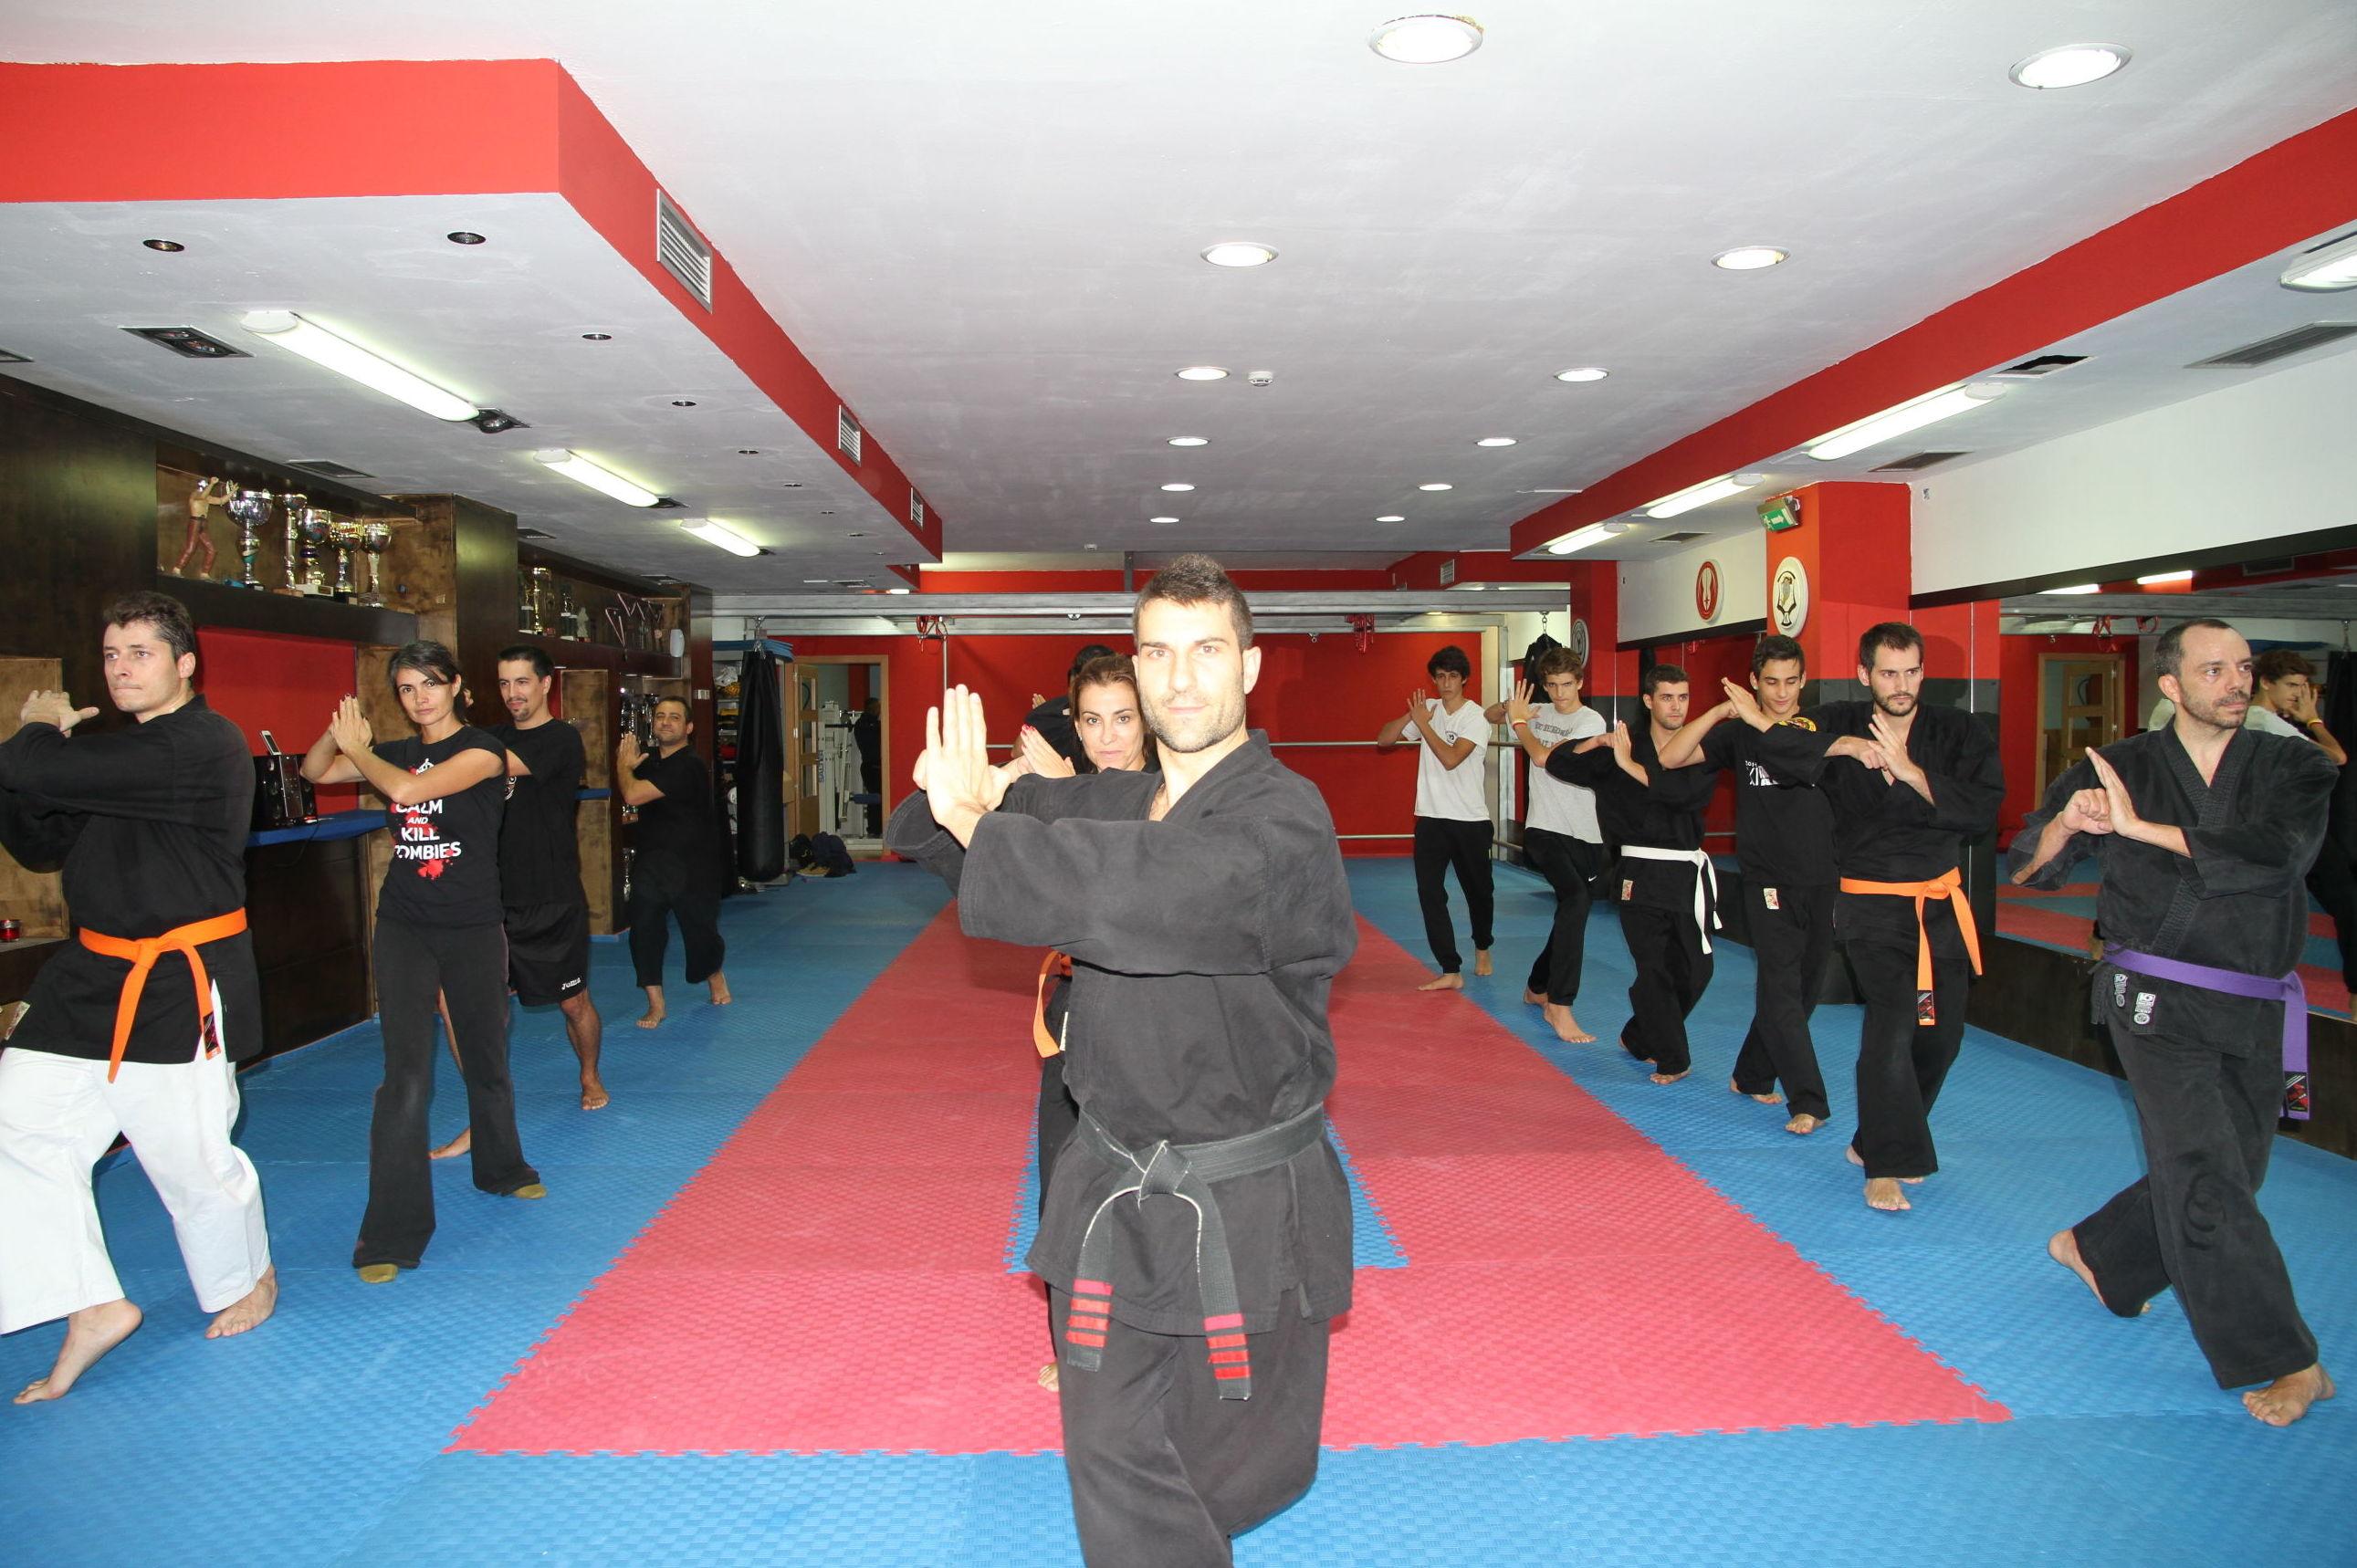 Bienvenido a la Escuela de Kenpo Ángel Ruiz, tu gimnasio de artes marciales en las Rozas.